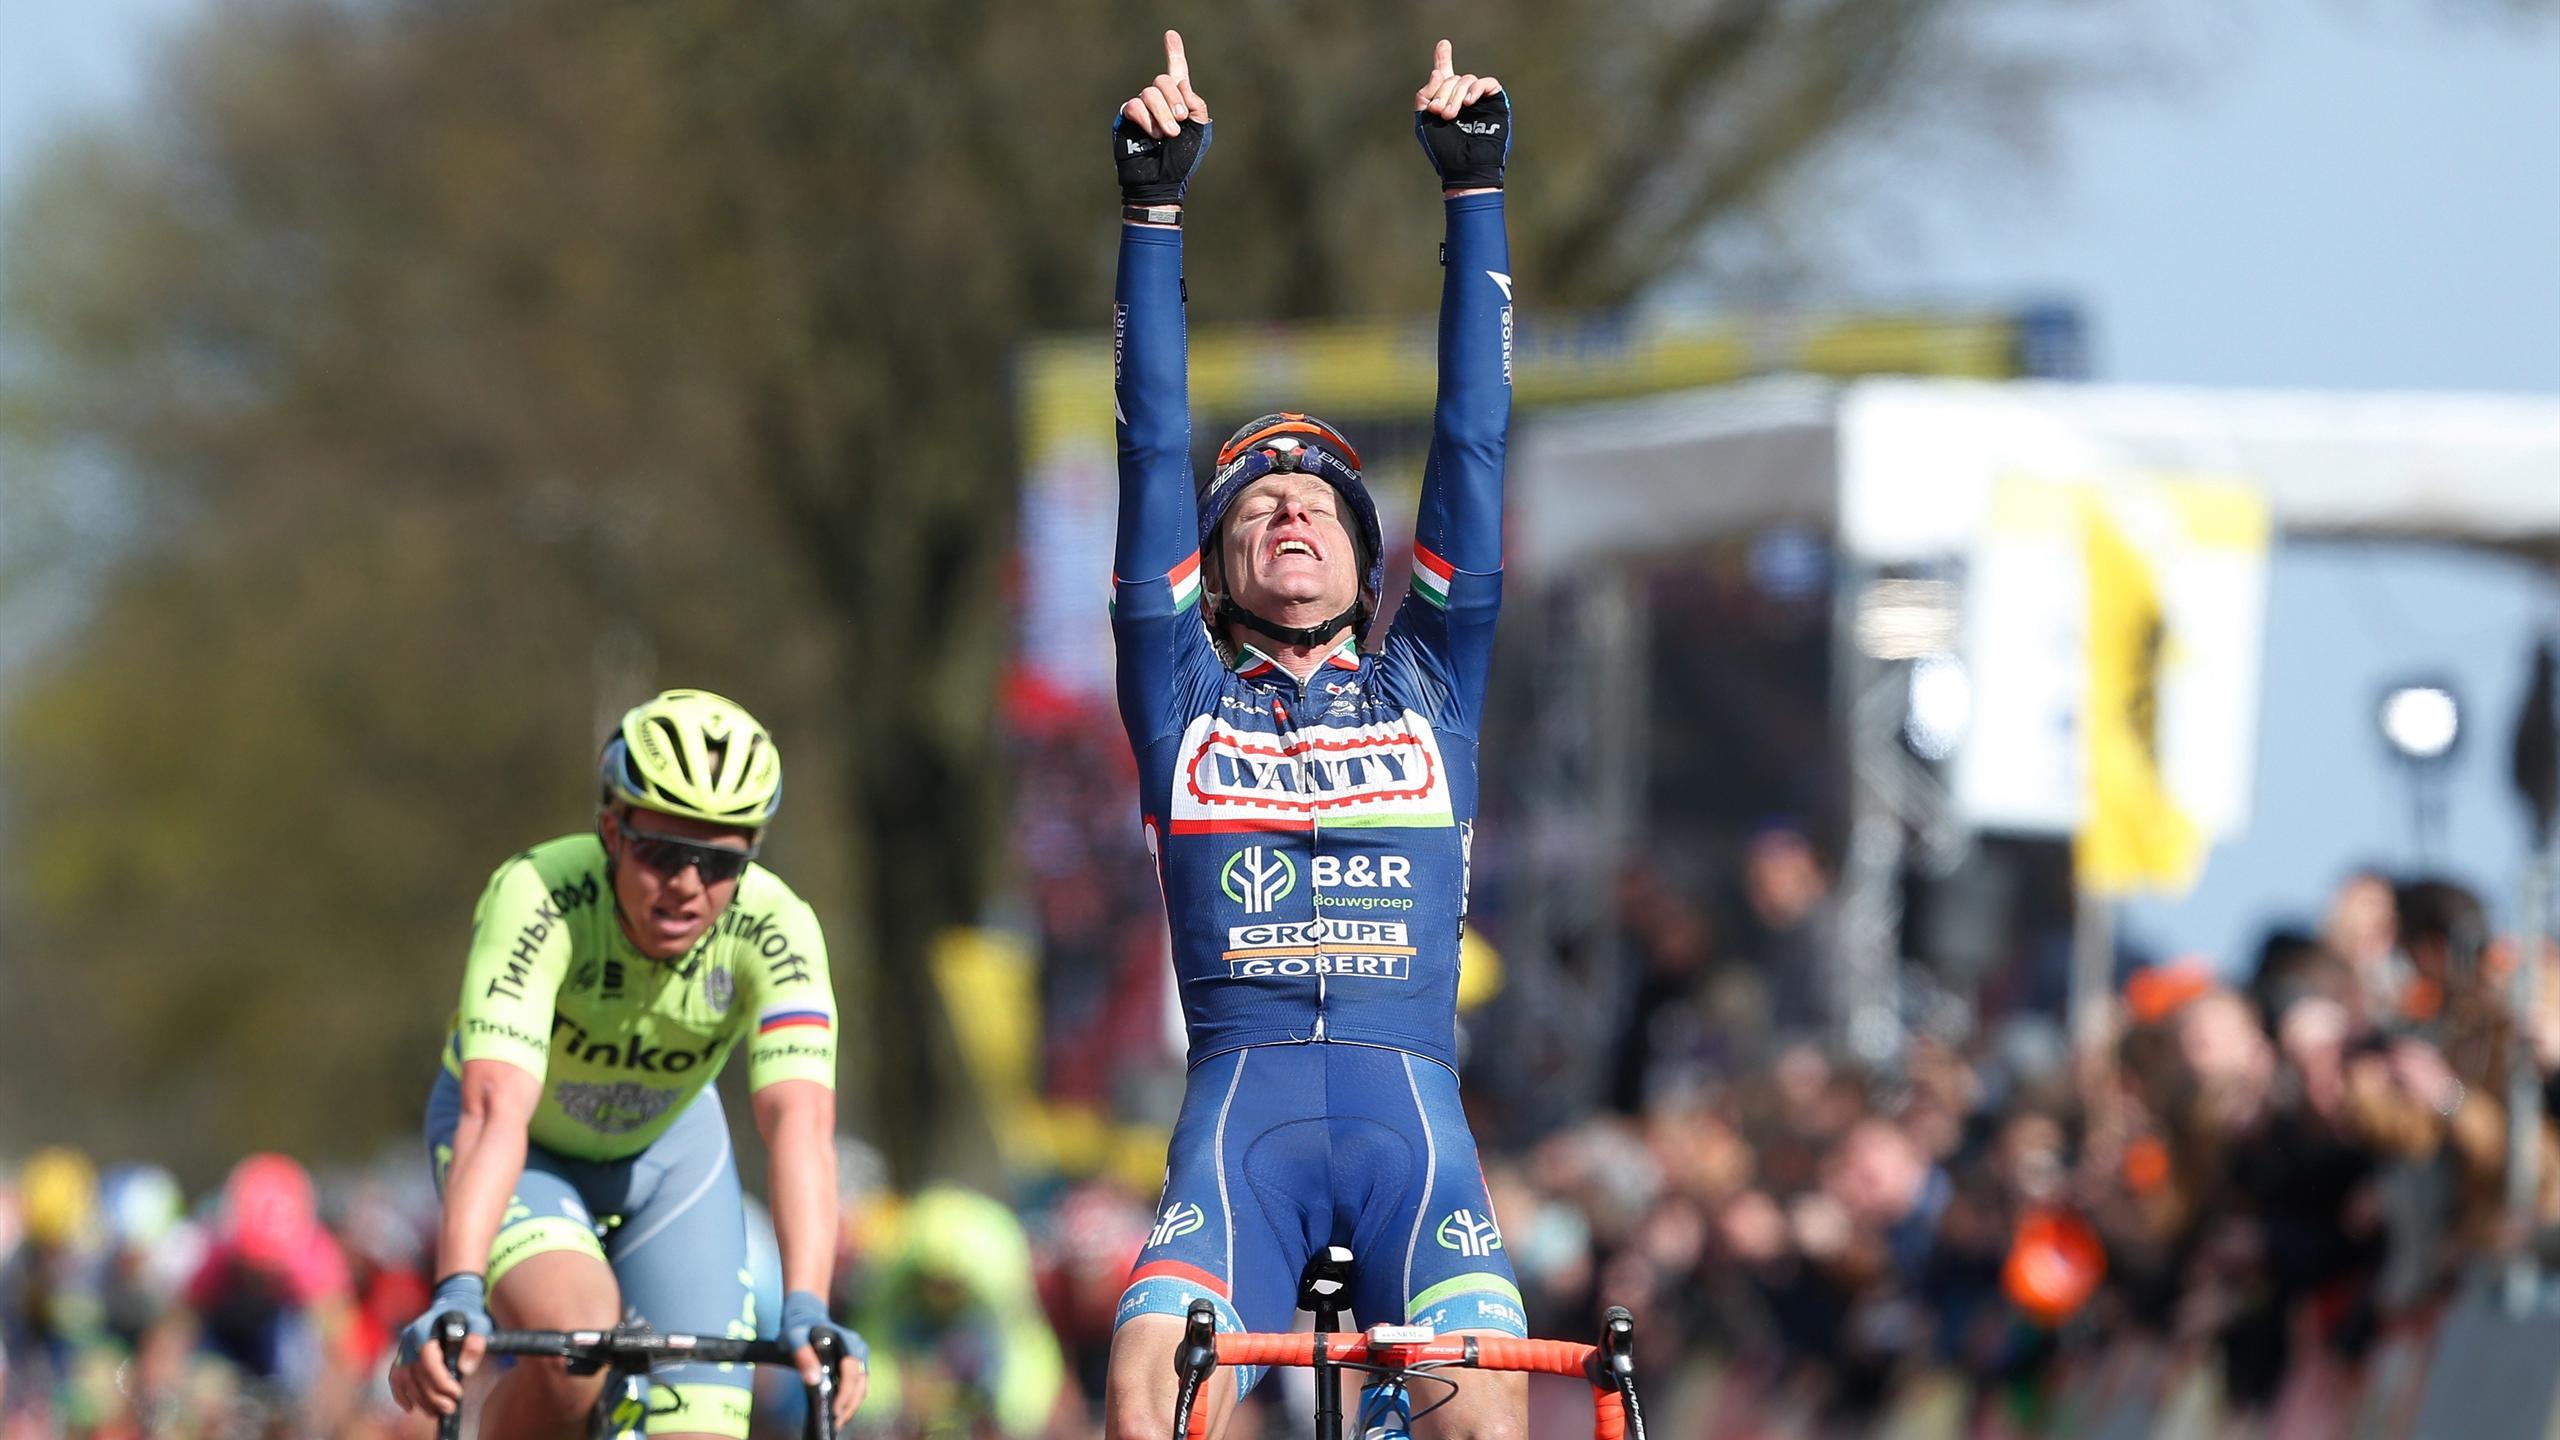 Enrico Gasparotto lors de sa victoire sur l'Amstel Gold Race